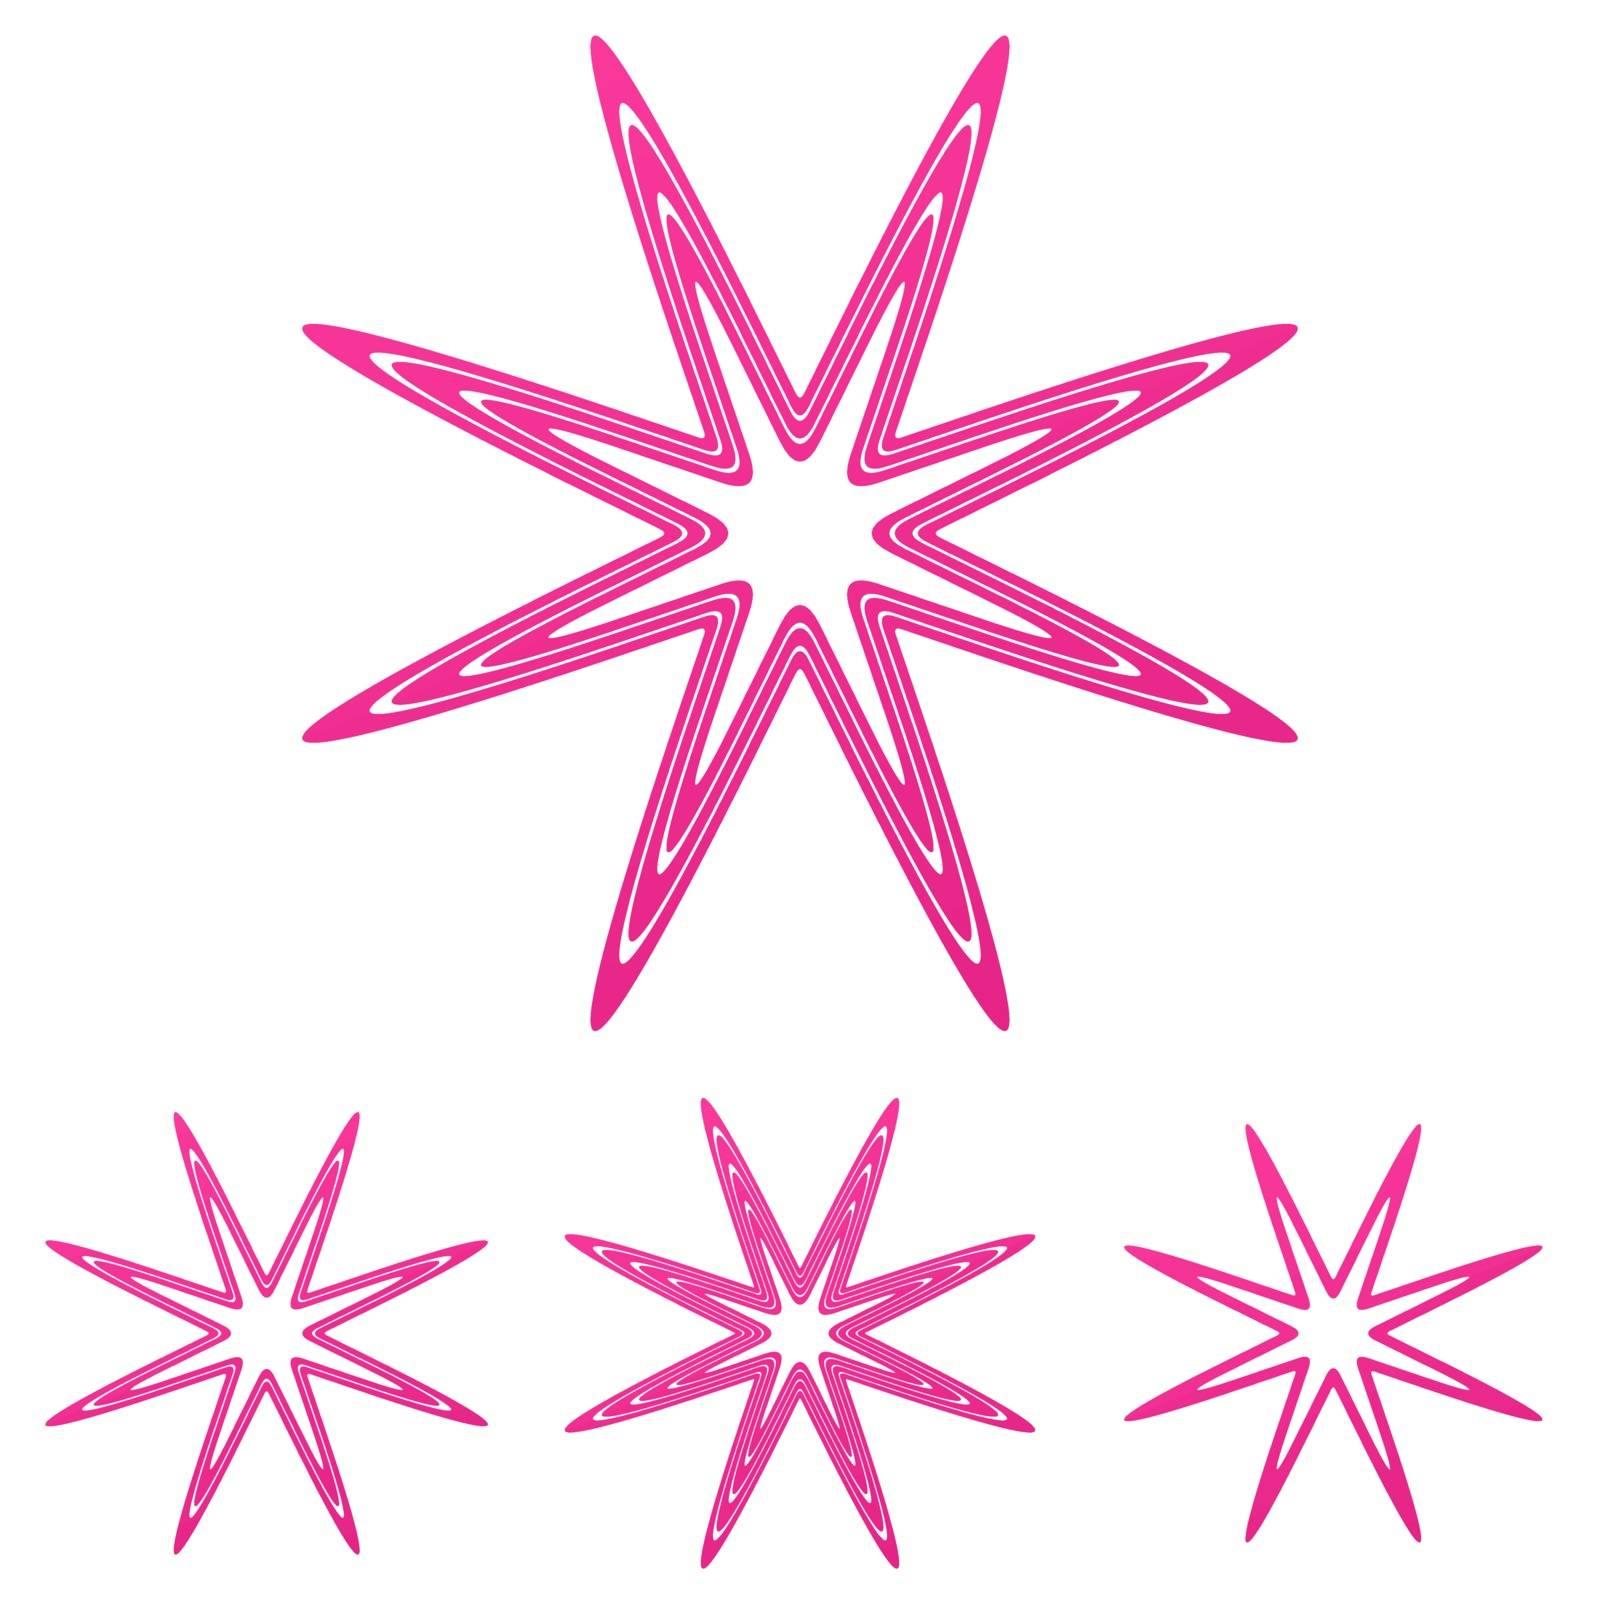 Pink line star thorn logo design set